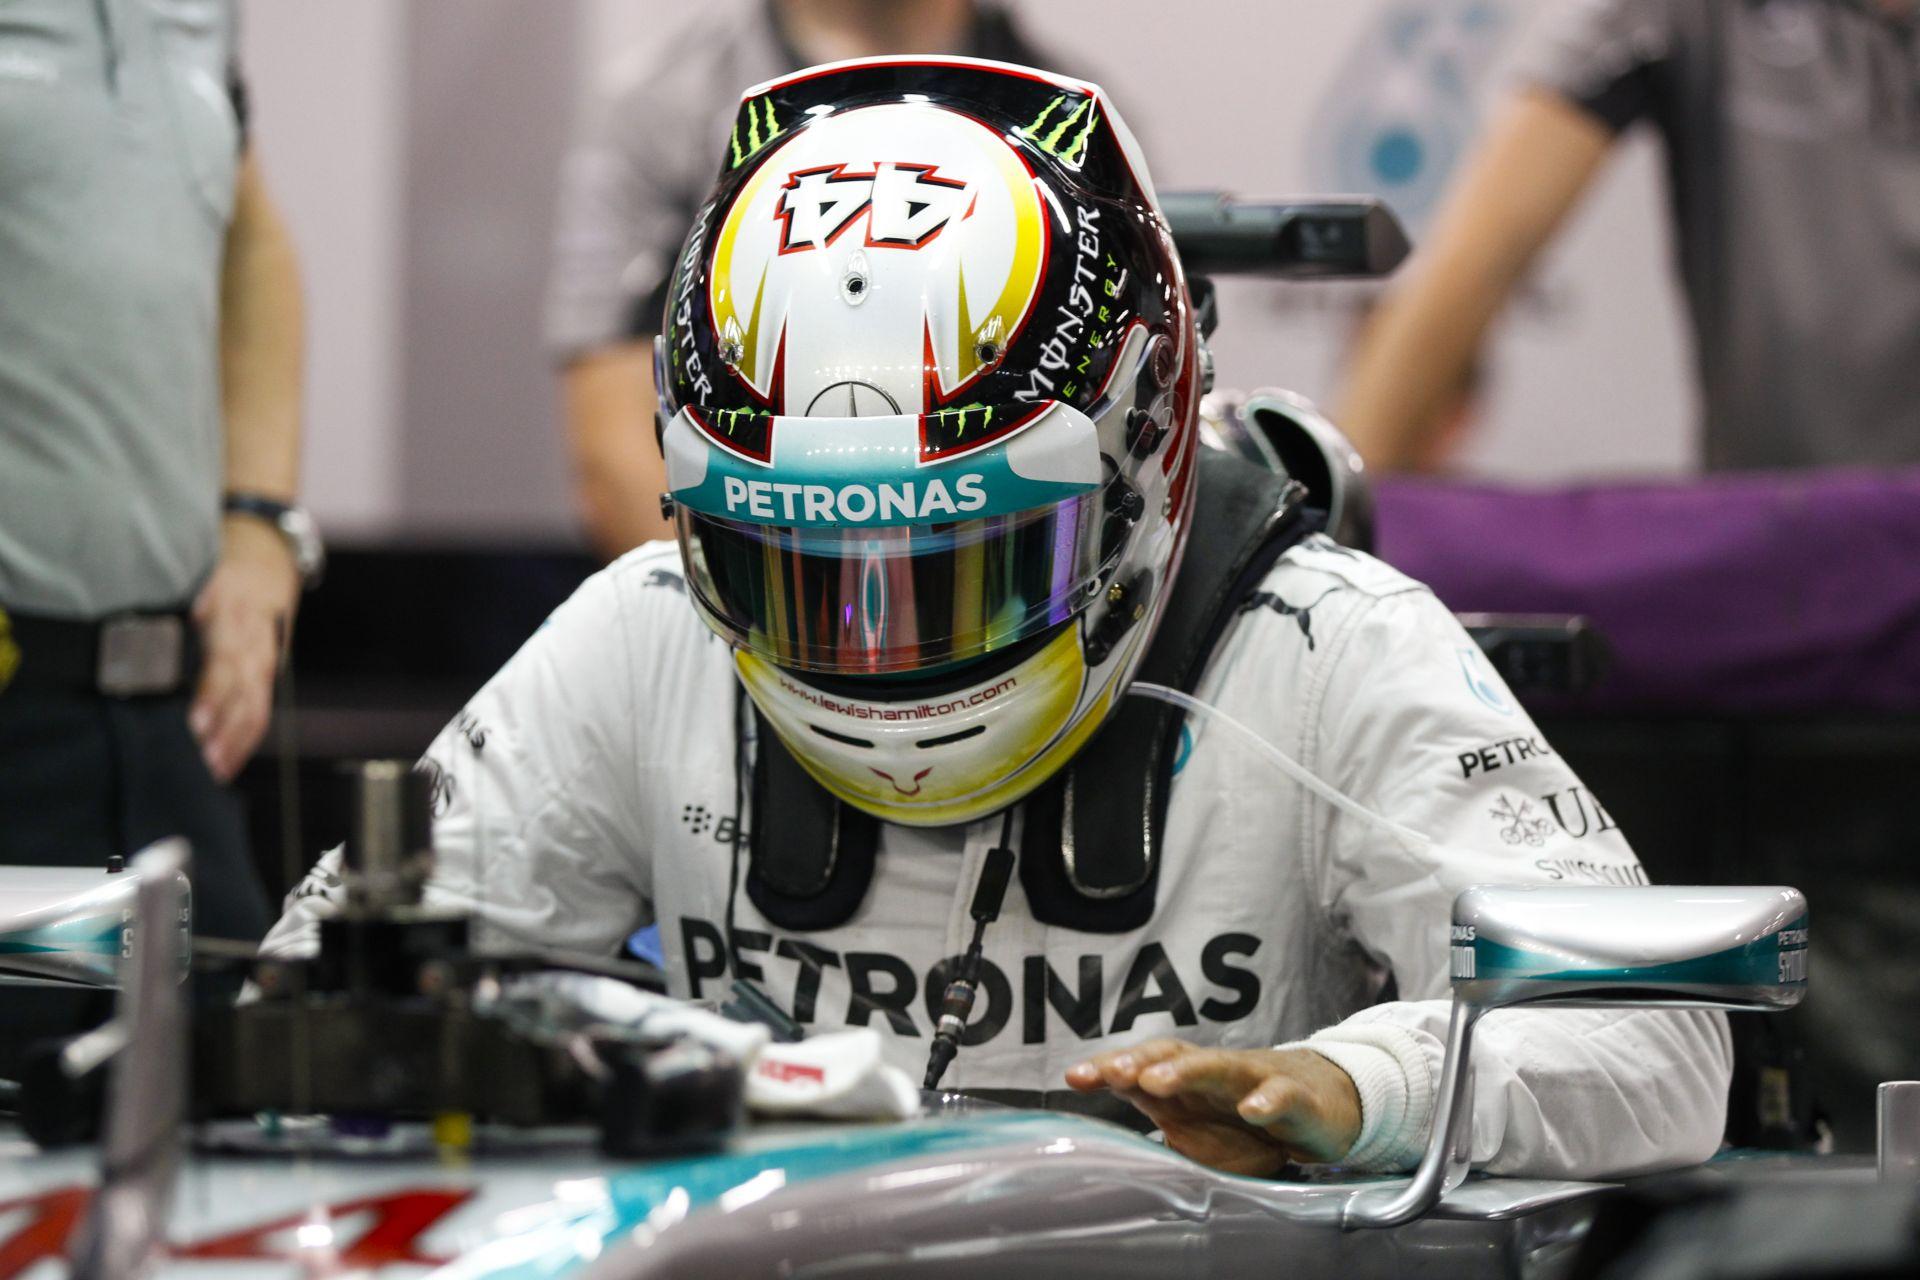 Hamilton egy hajszállal nyerte meg a szingapúri időmérőt Rosberg előtt! Raikkönen alatt az utolsó pillanatokban romlott el a Fer